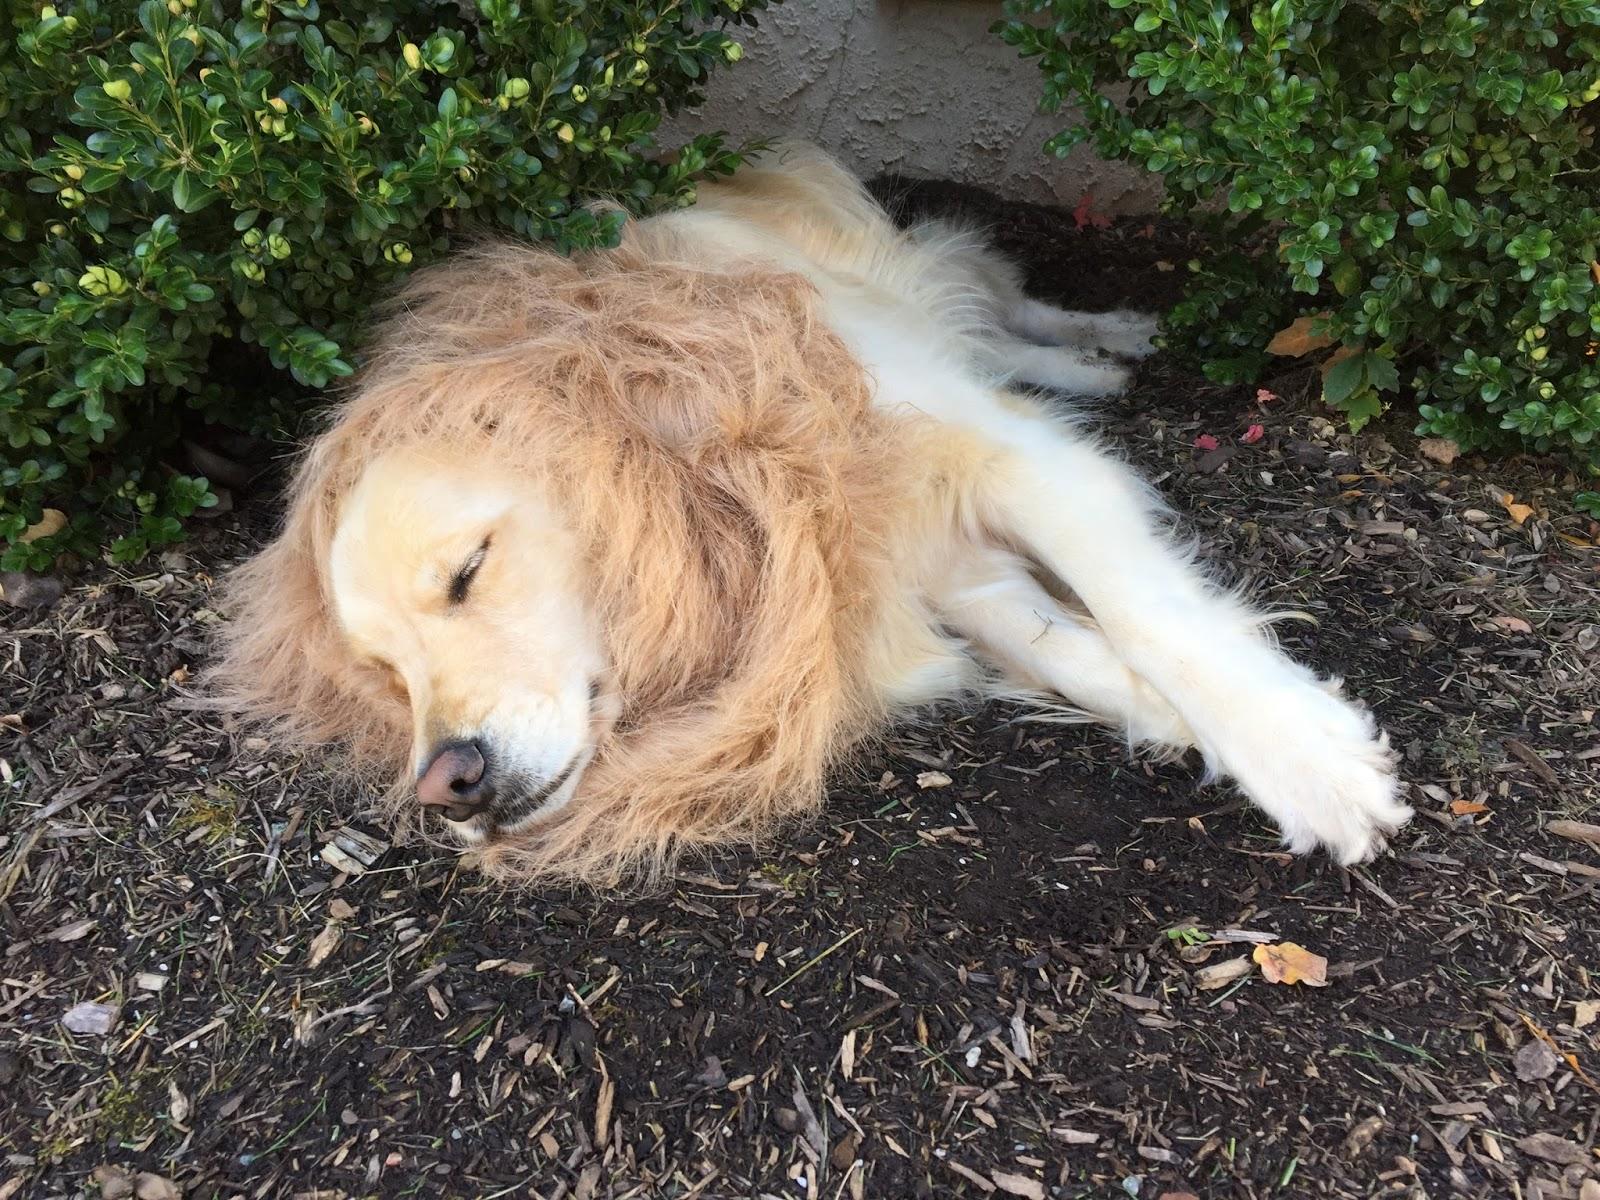 Sleeping Golden in lion costume